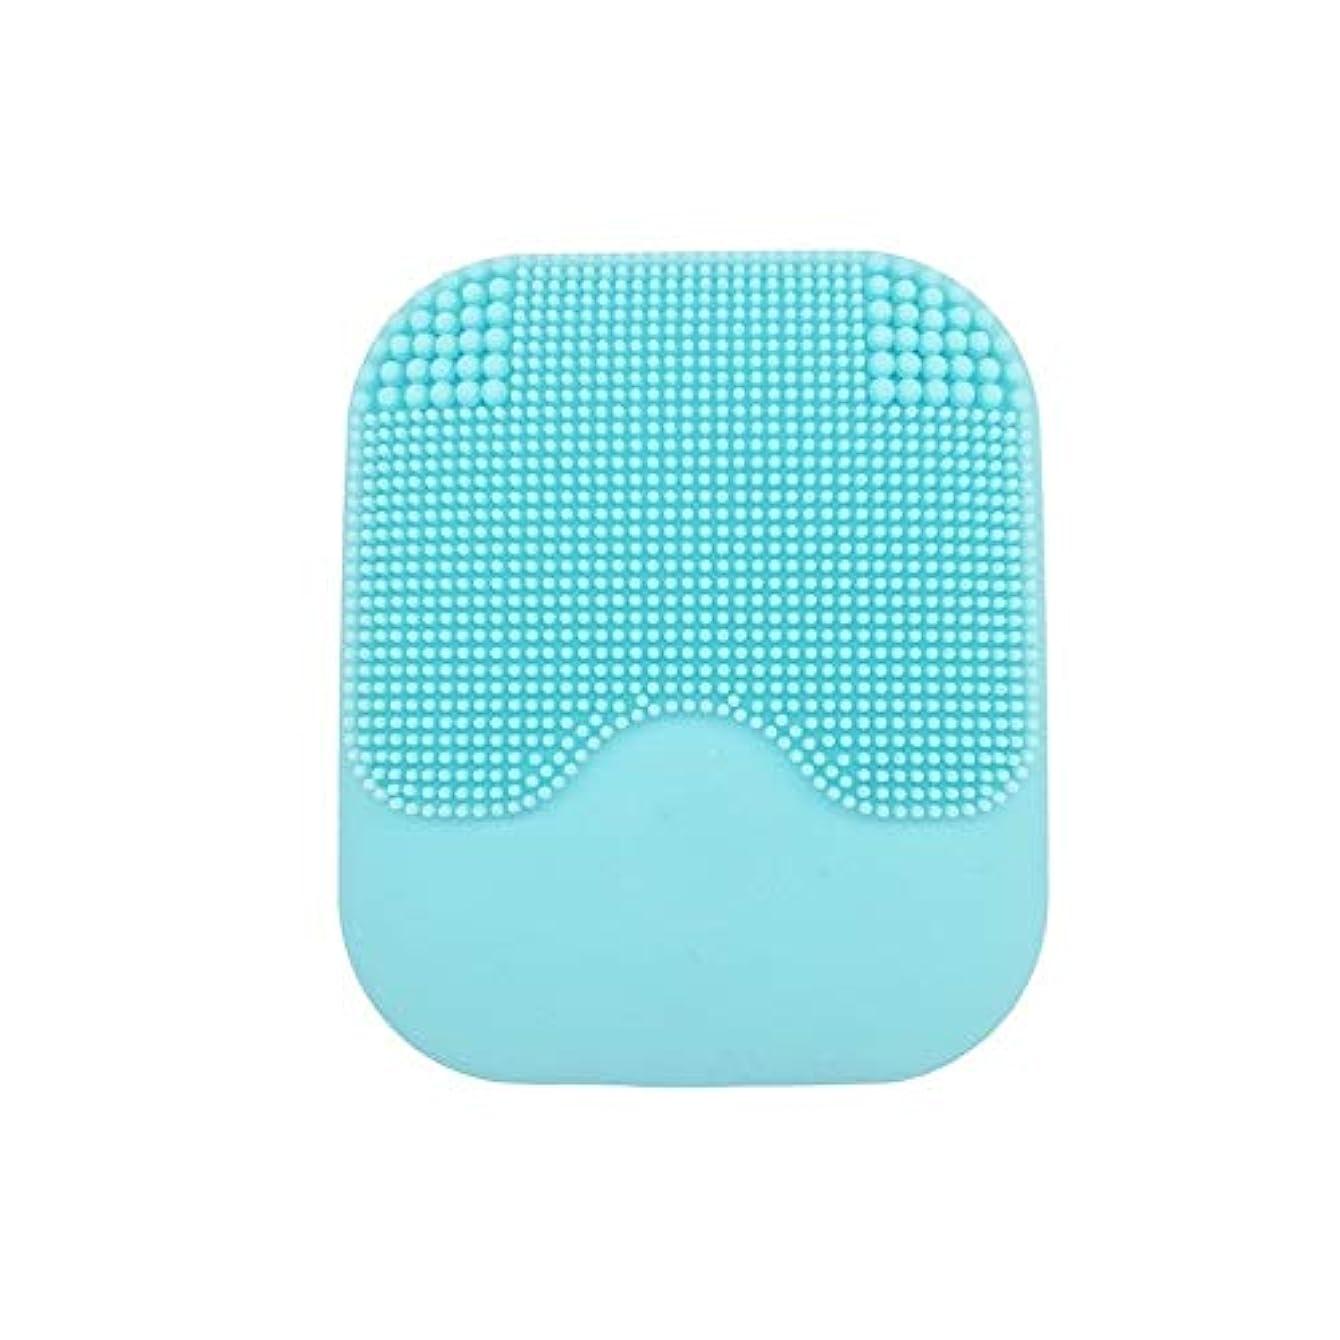 ジャグリングシンポジウムフェミニンシリコン洗顔ブラシ、スリースピード調節可能な防水充電式ひげエレクトリック顔ブラシ顔面にきびスクラバーアンチエイジングスキンケア (Color : 青)